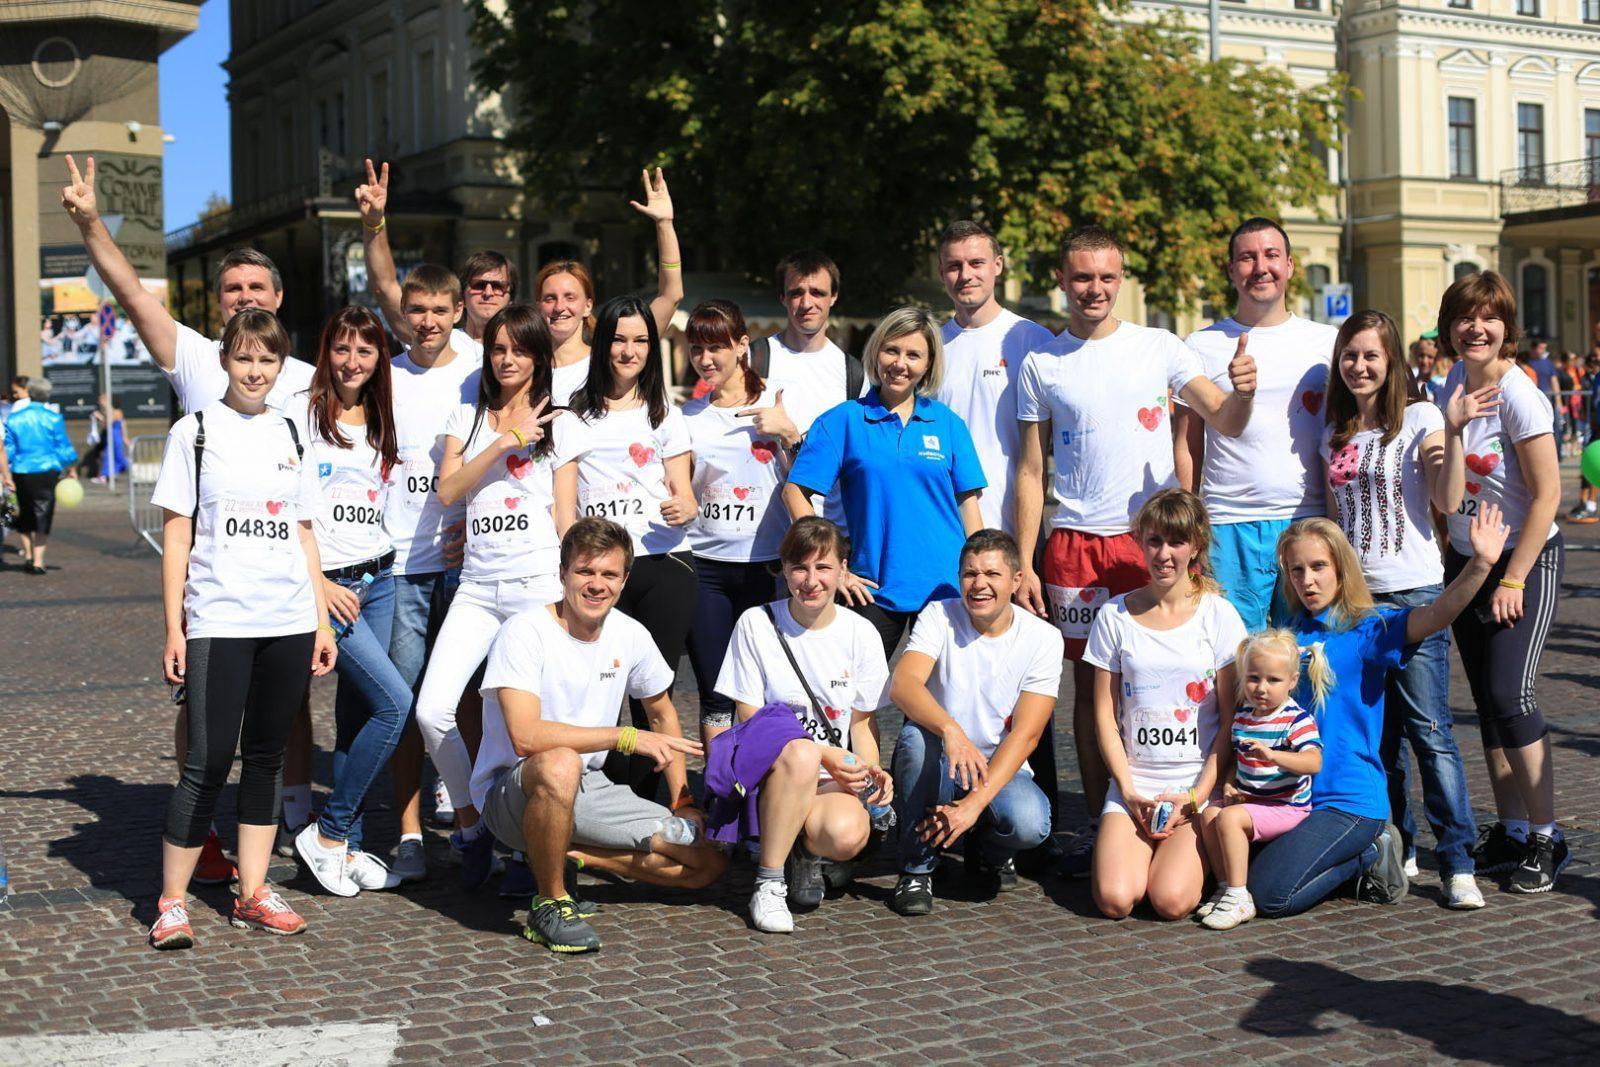 «Киевстар» присоединяется к благородной инициативе «Пробег под каштанами-2015!»